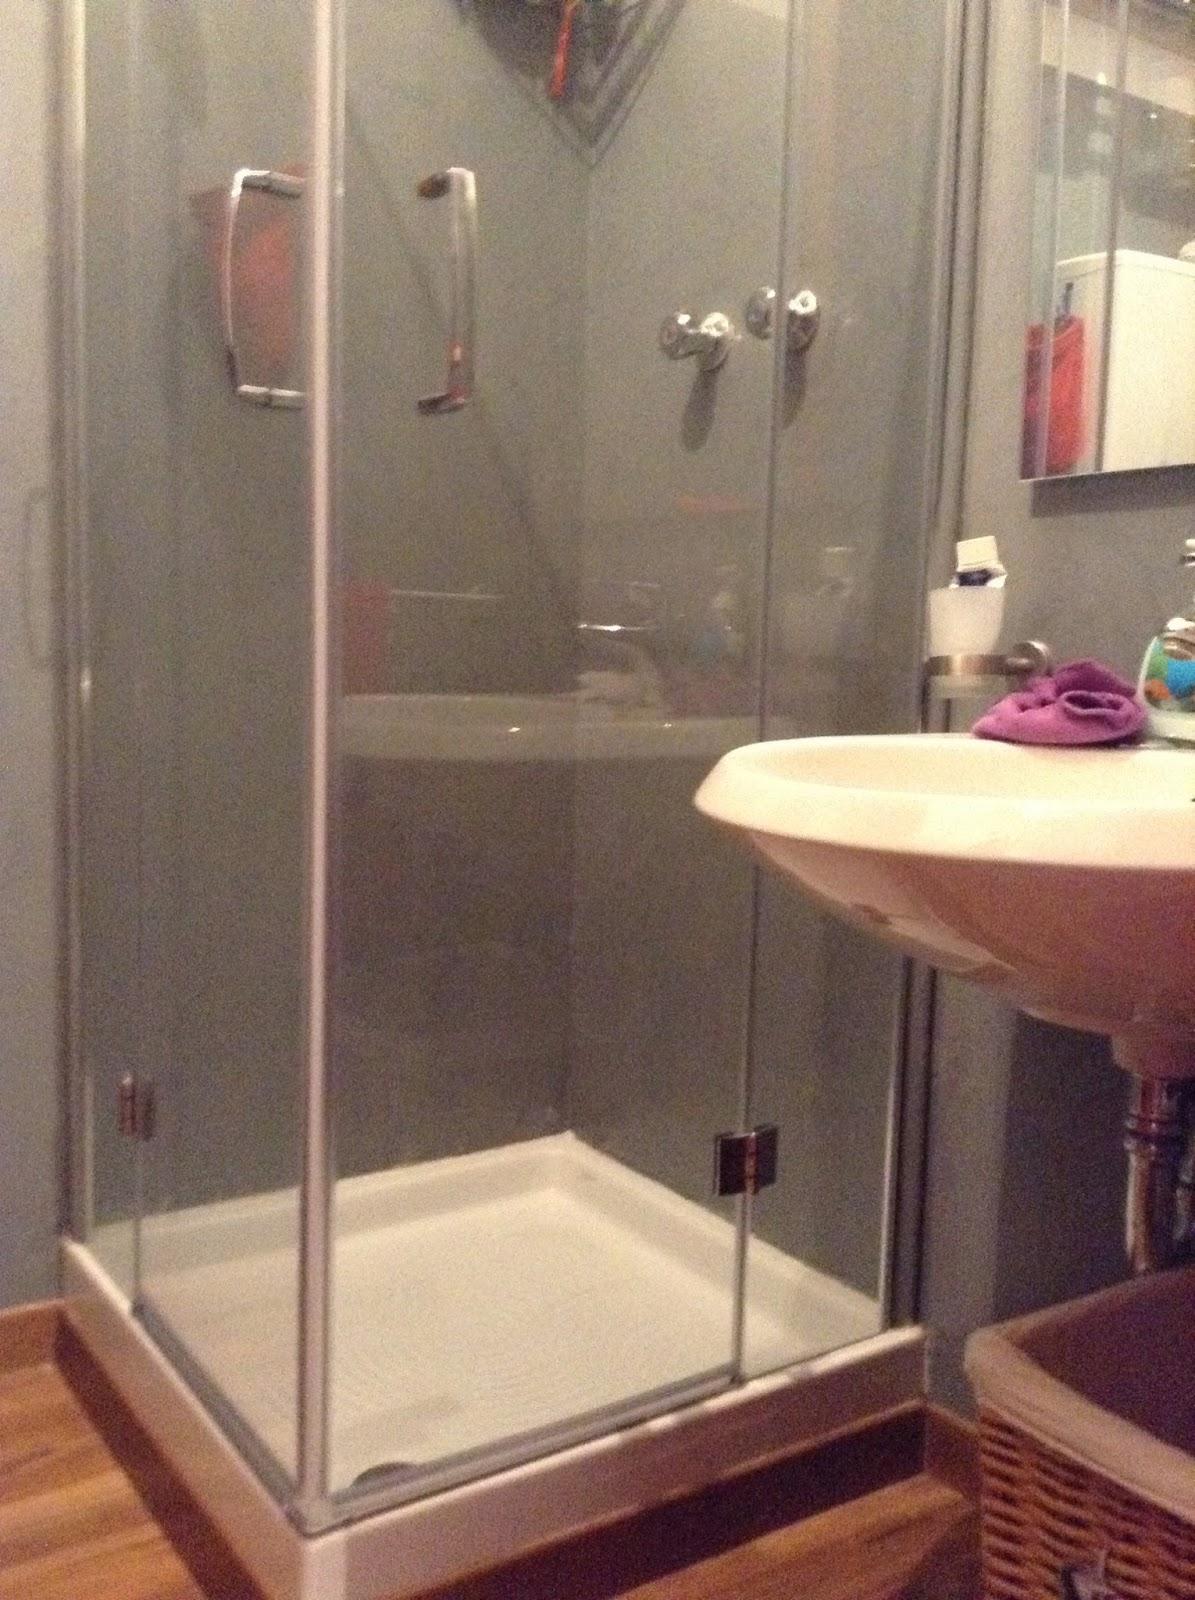 Coprire le piastrelle del bagno - Pitturare piastrelle bagno ...